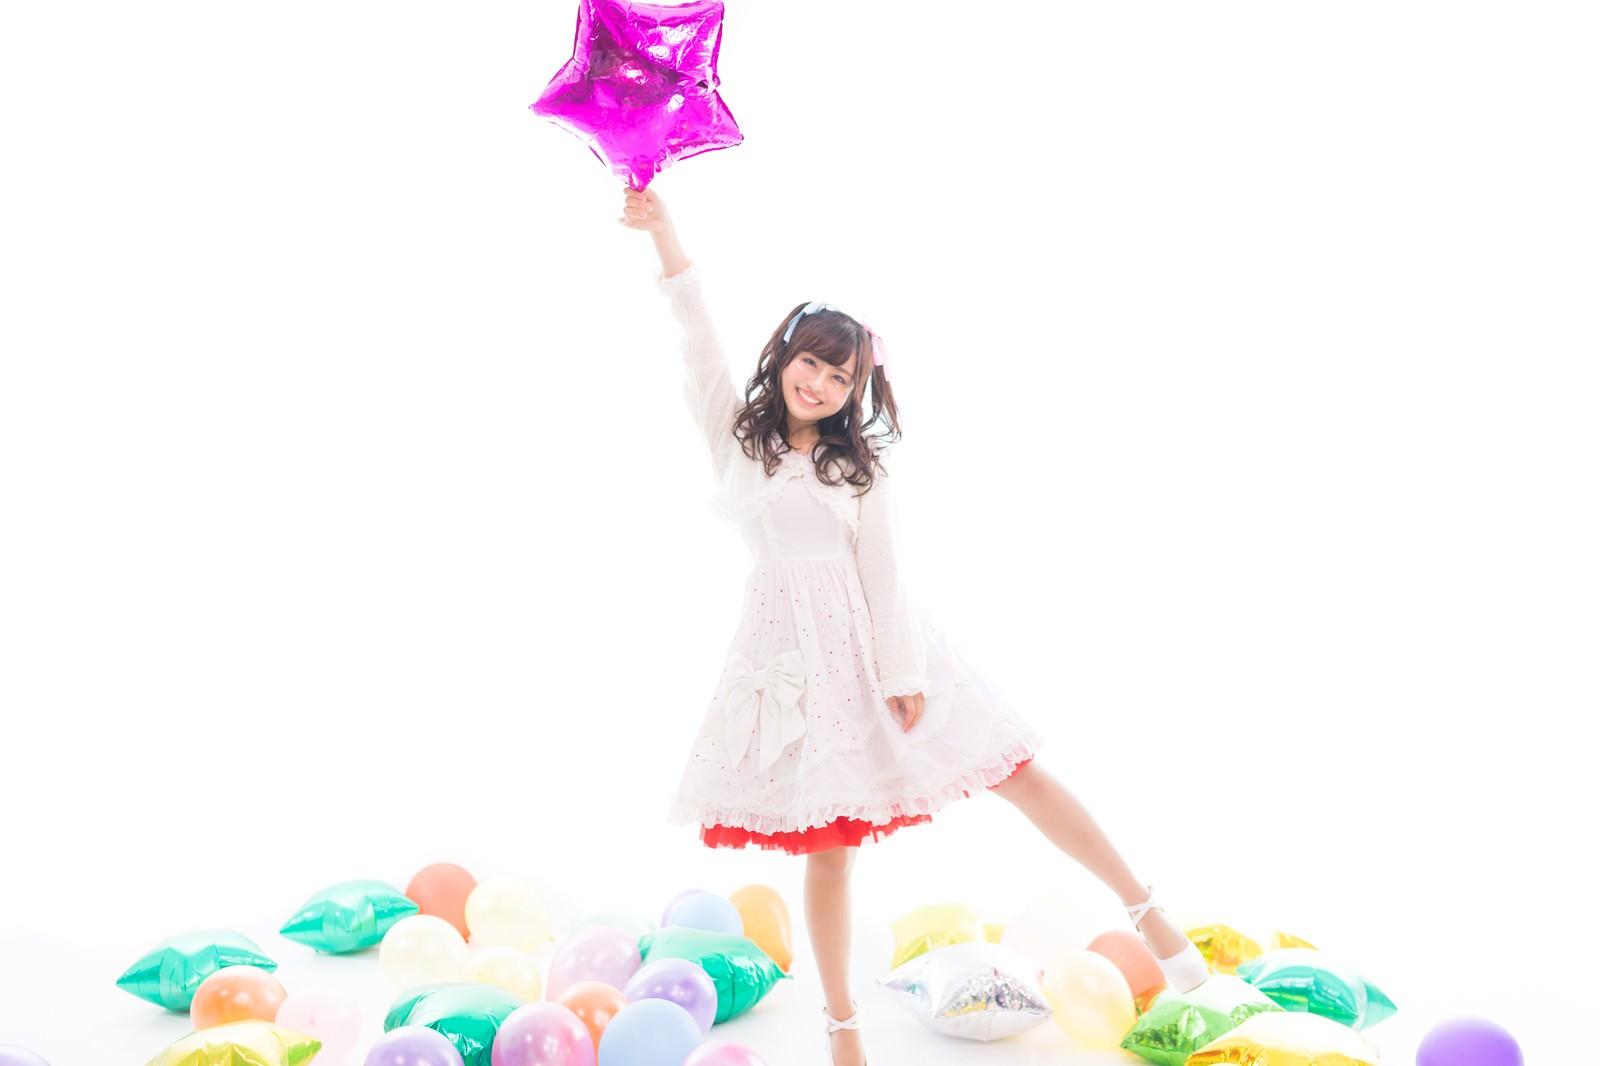 「カラフルな風船に囲まれて踊ってみた」の写真[モデル:河村友歌]